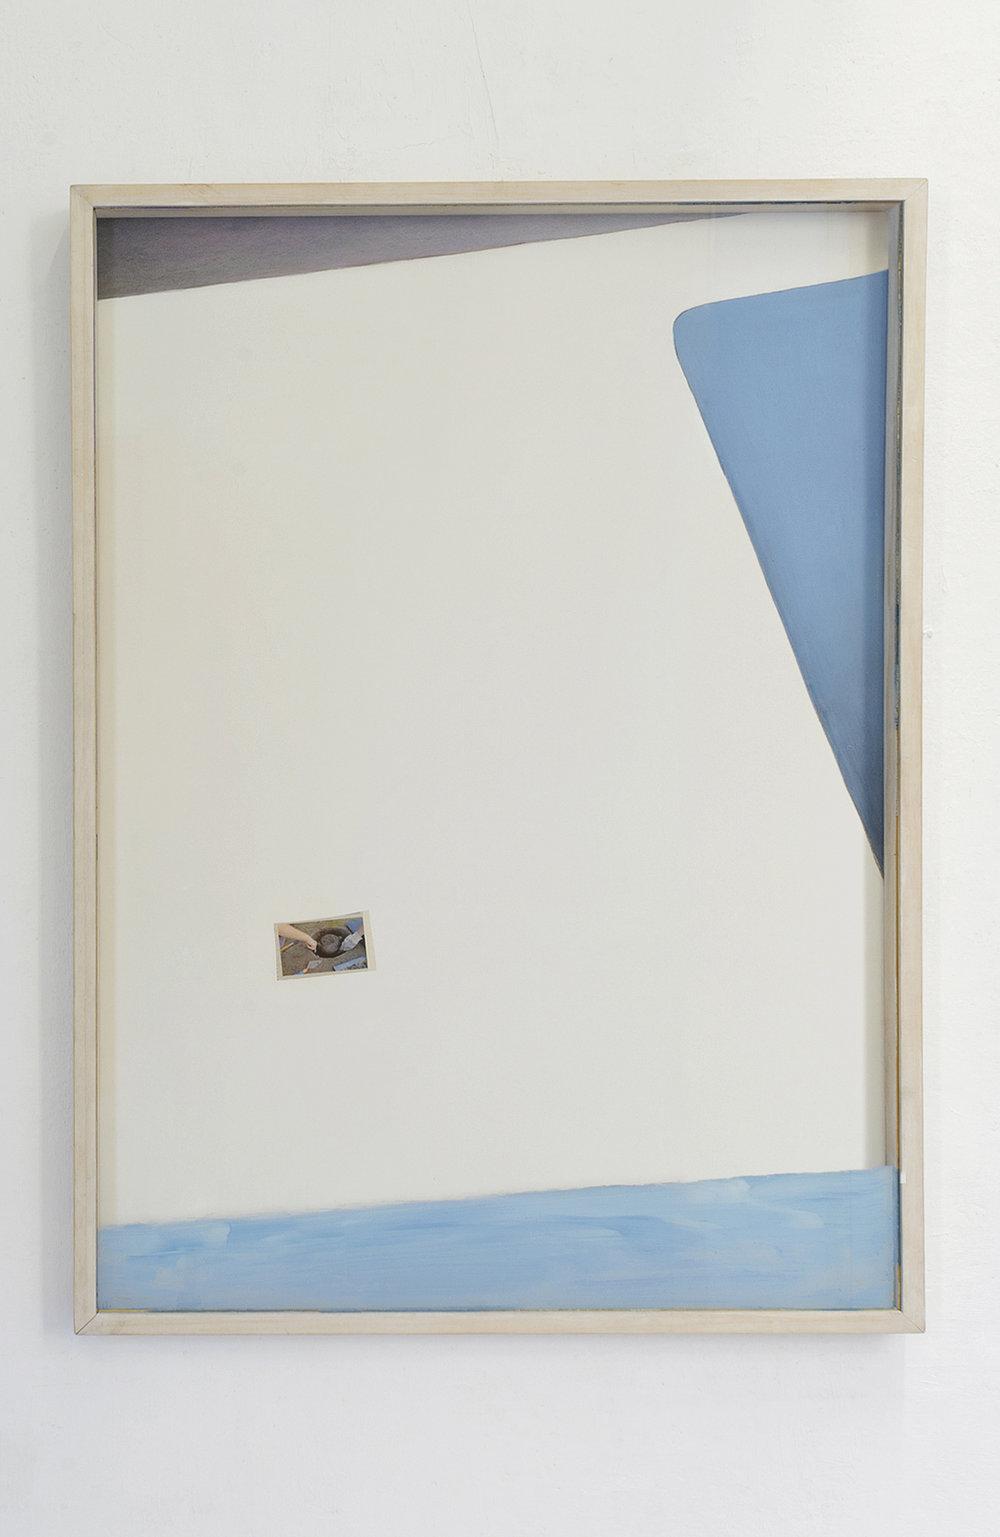 I nostri 2015 - Ritaglio di giornale, pittura su vetro e tavola - cm 103x73x4 -  Foto Benvenuto Saba e Nicola Belluzzi